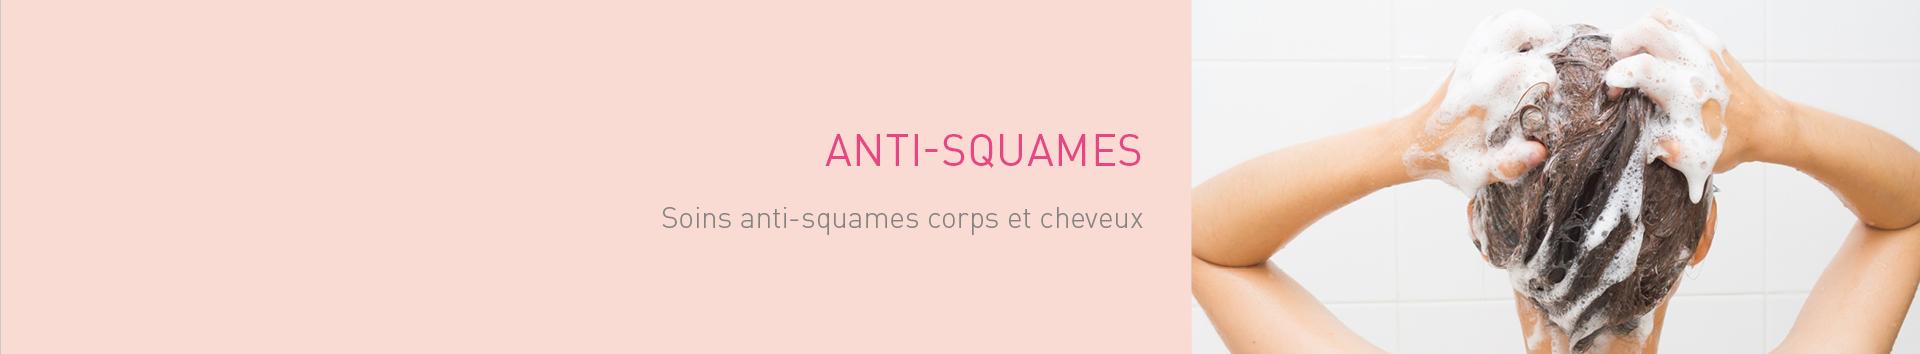 Anti-squames